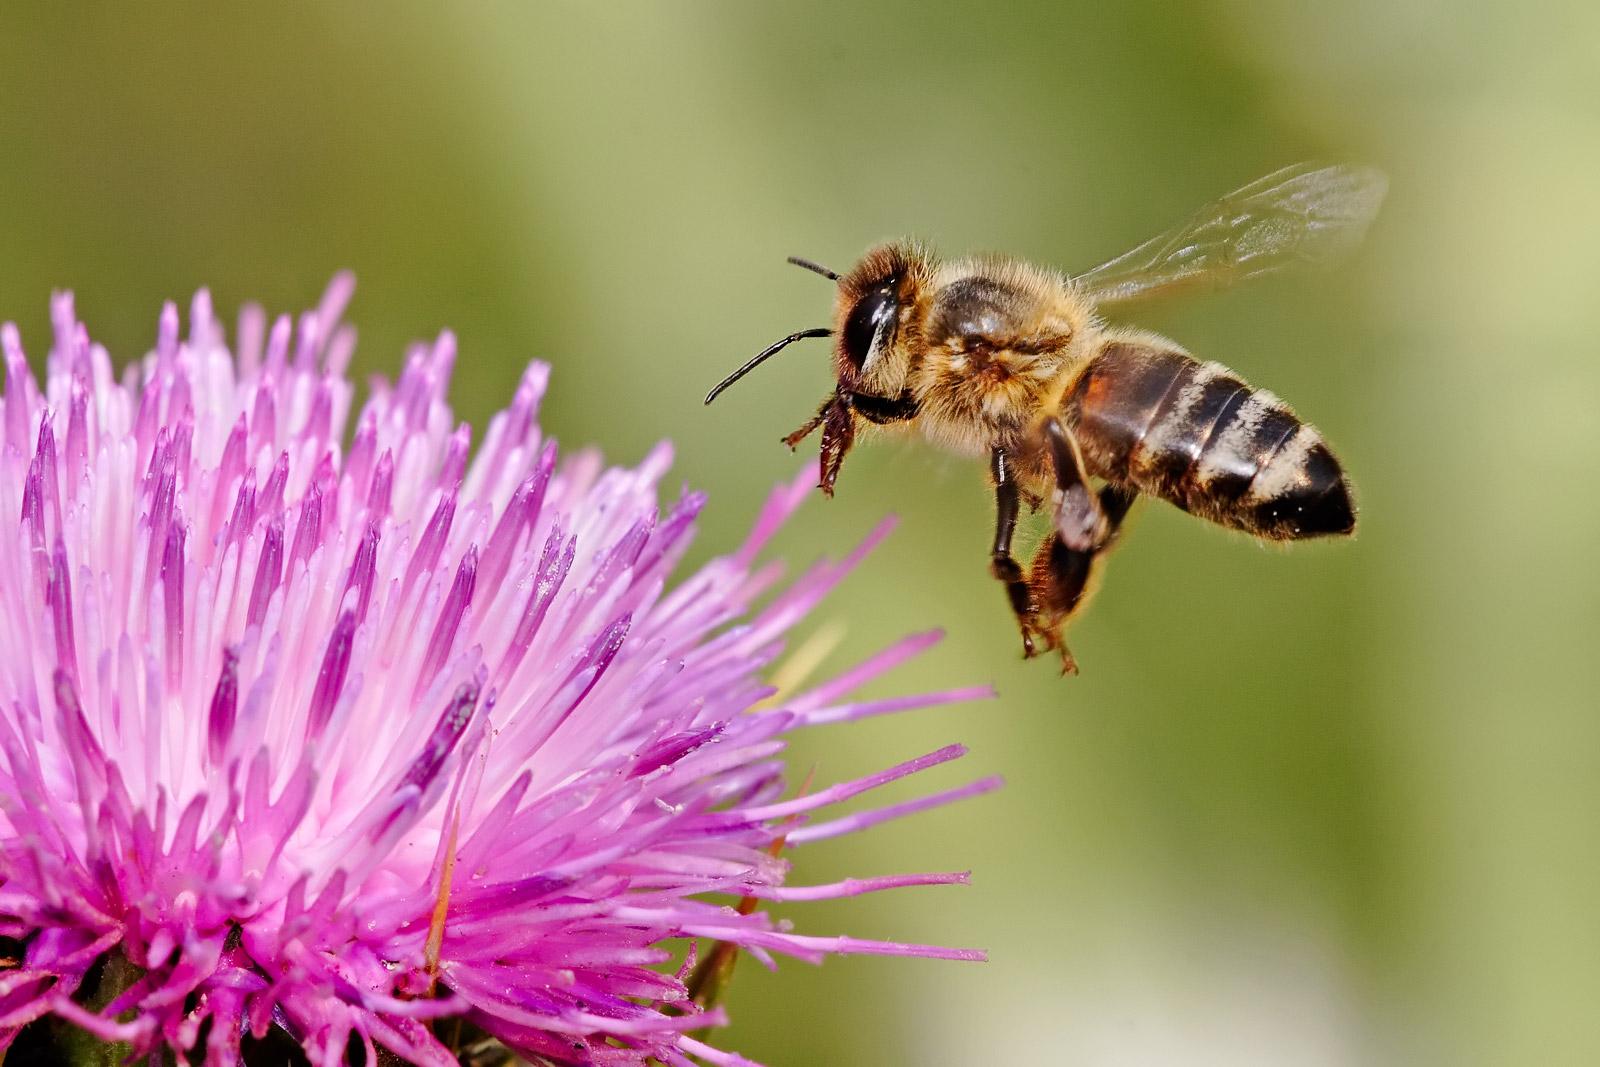 Honeybee landing on milkthistle02.jpg